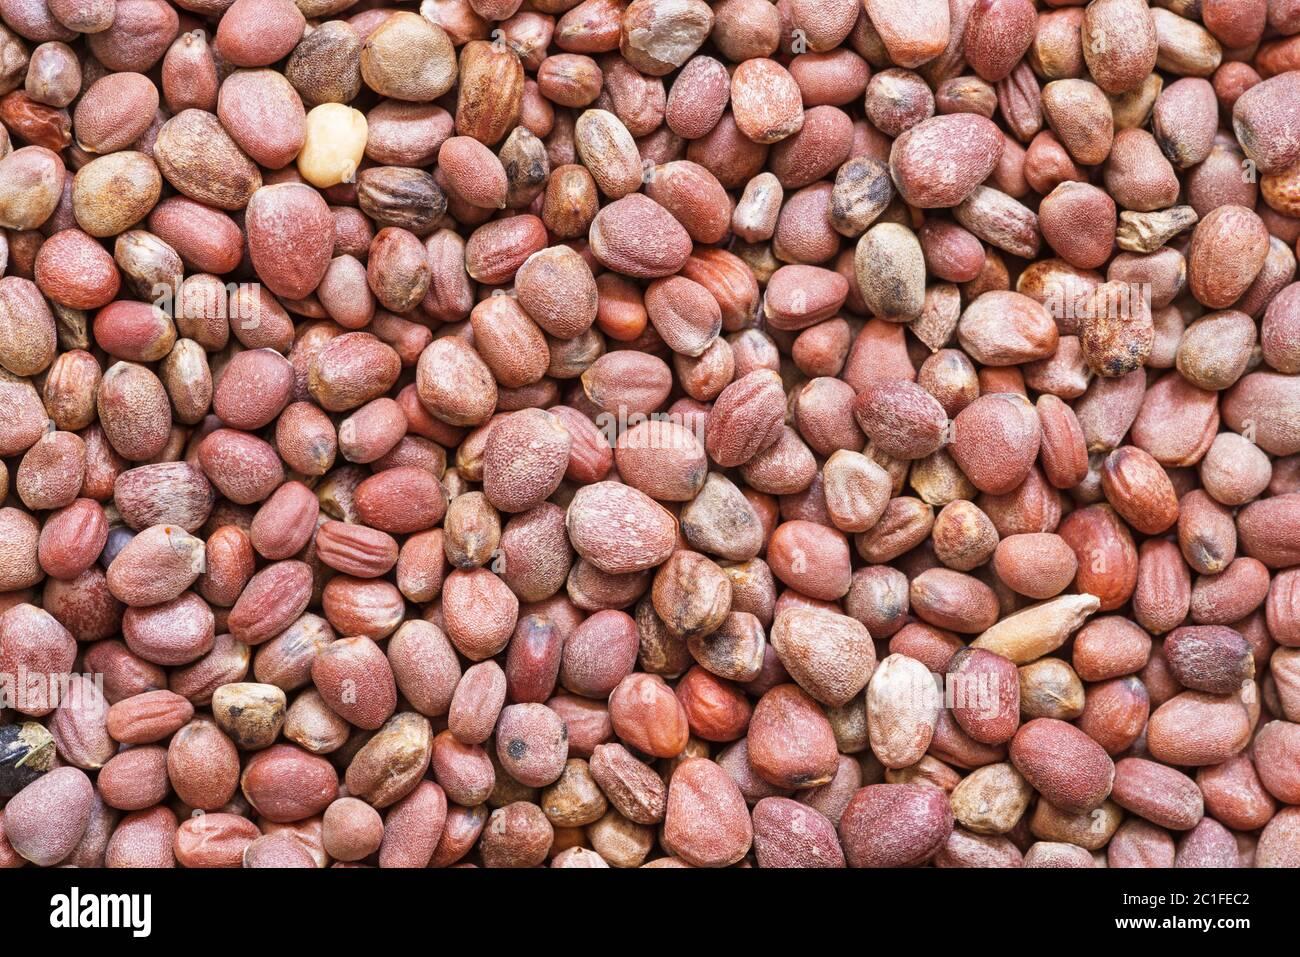 macro image of daikon or Raphanus sativus seeds Stock Photo